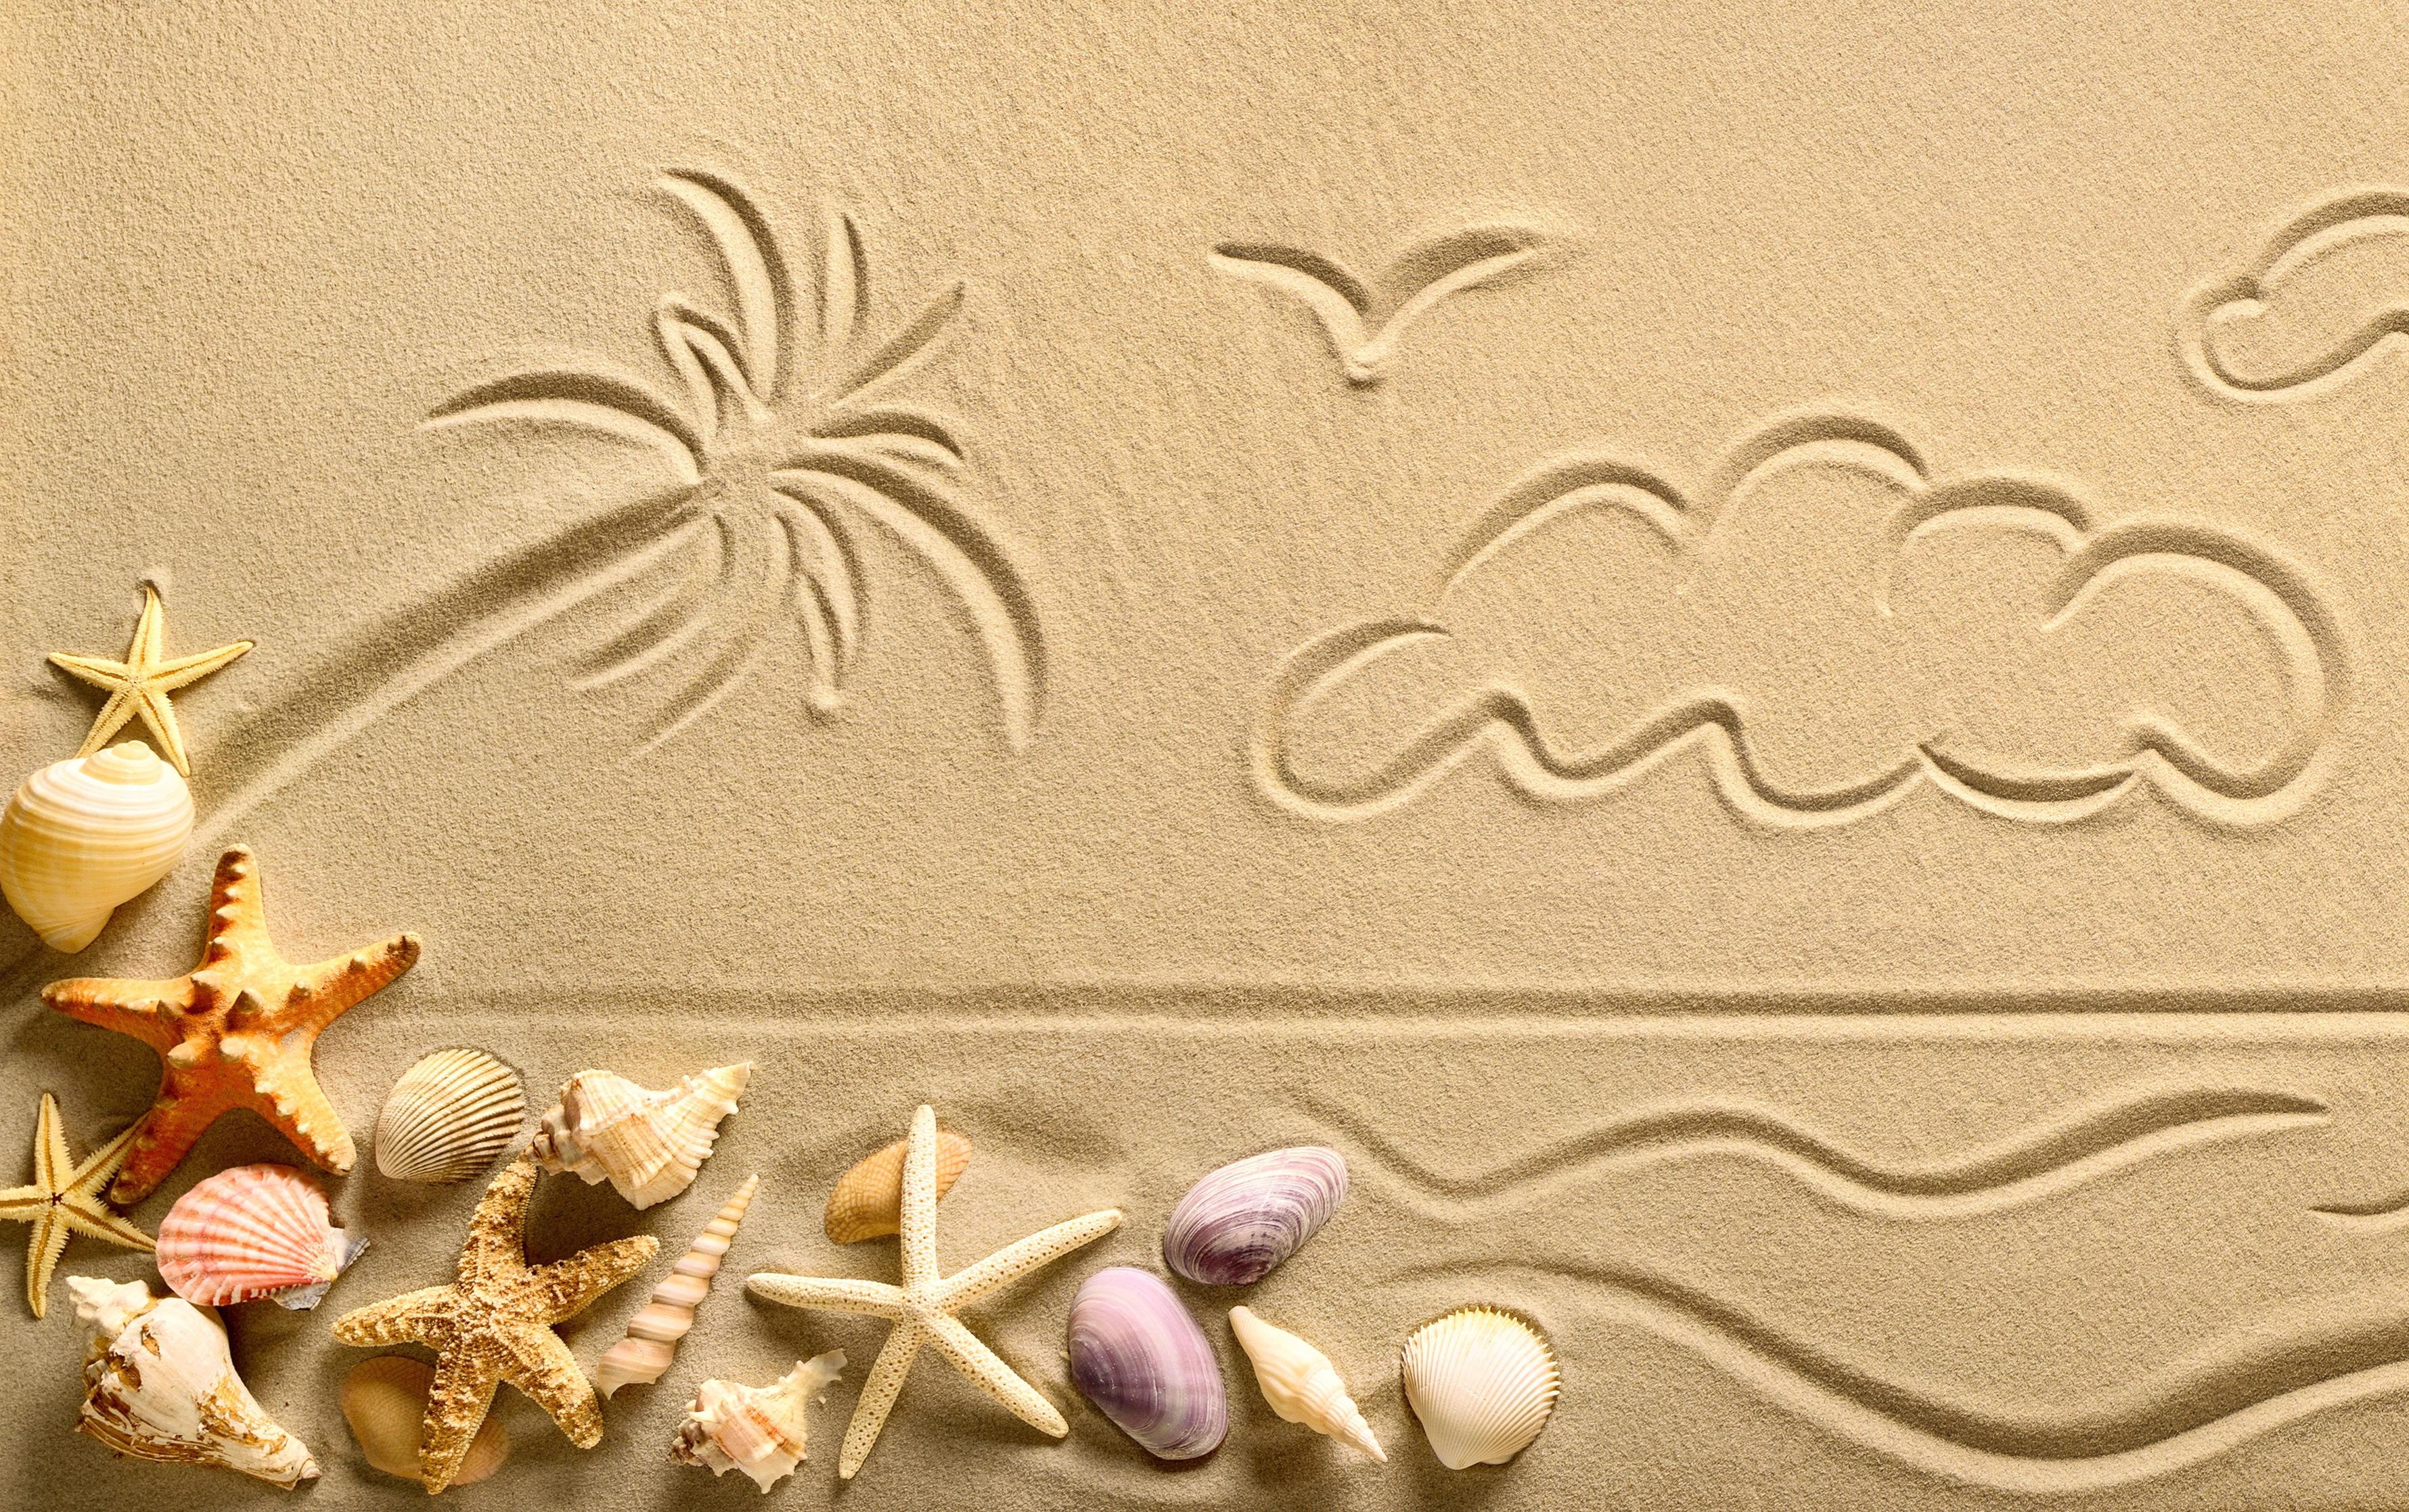 молчали картинки с песком и ракушками есть одно событие